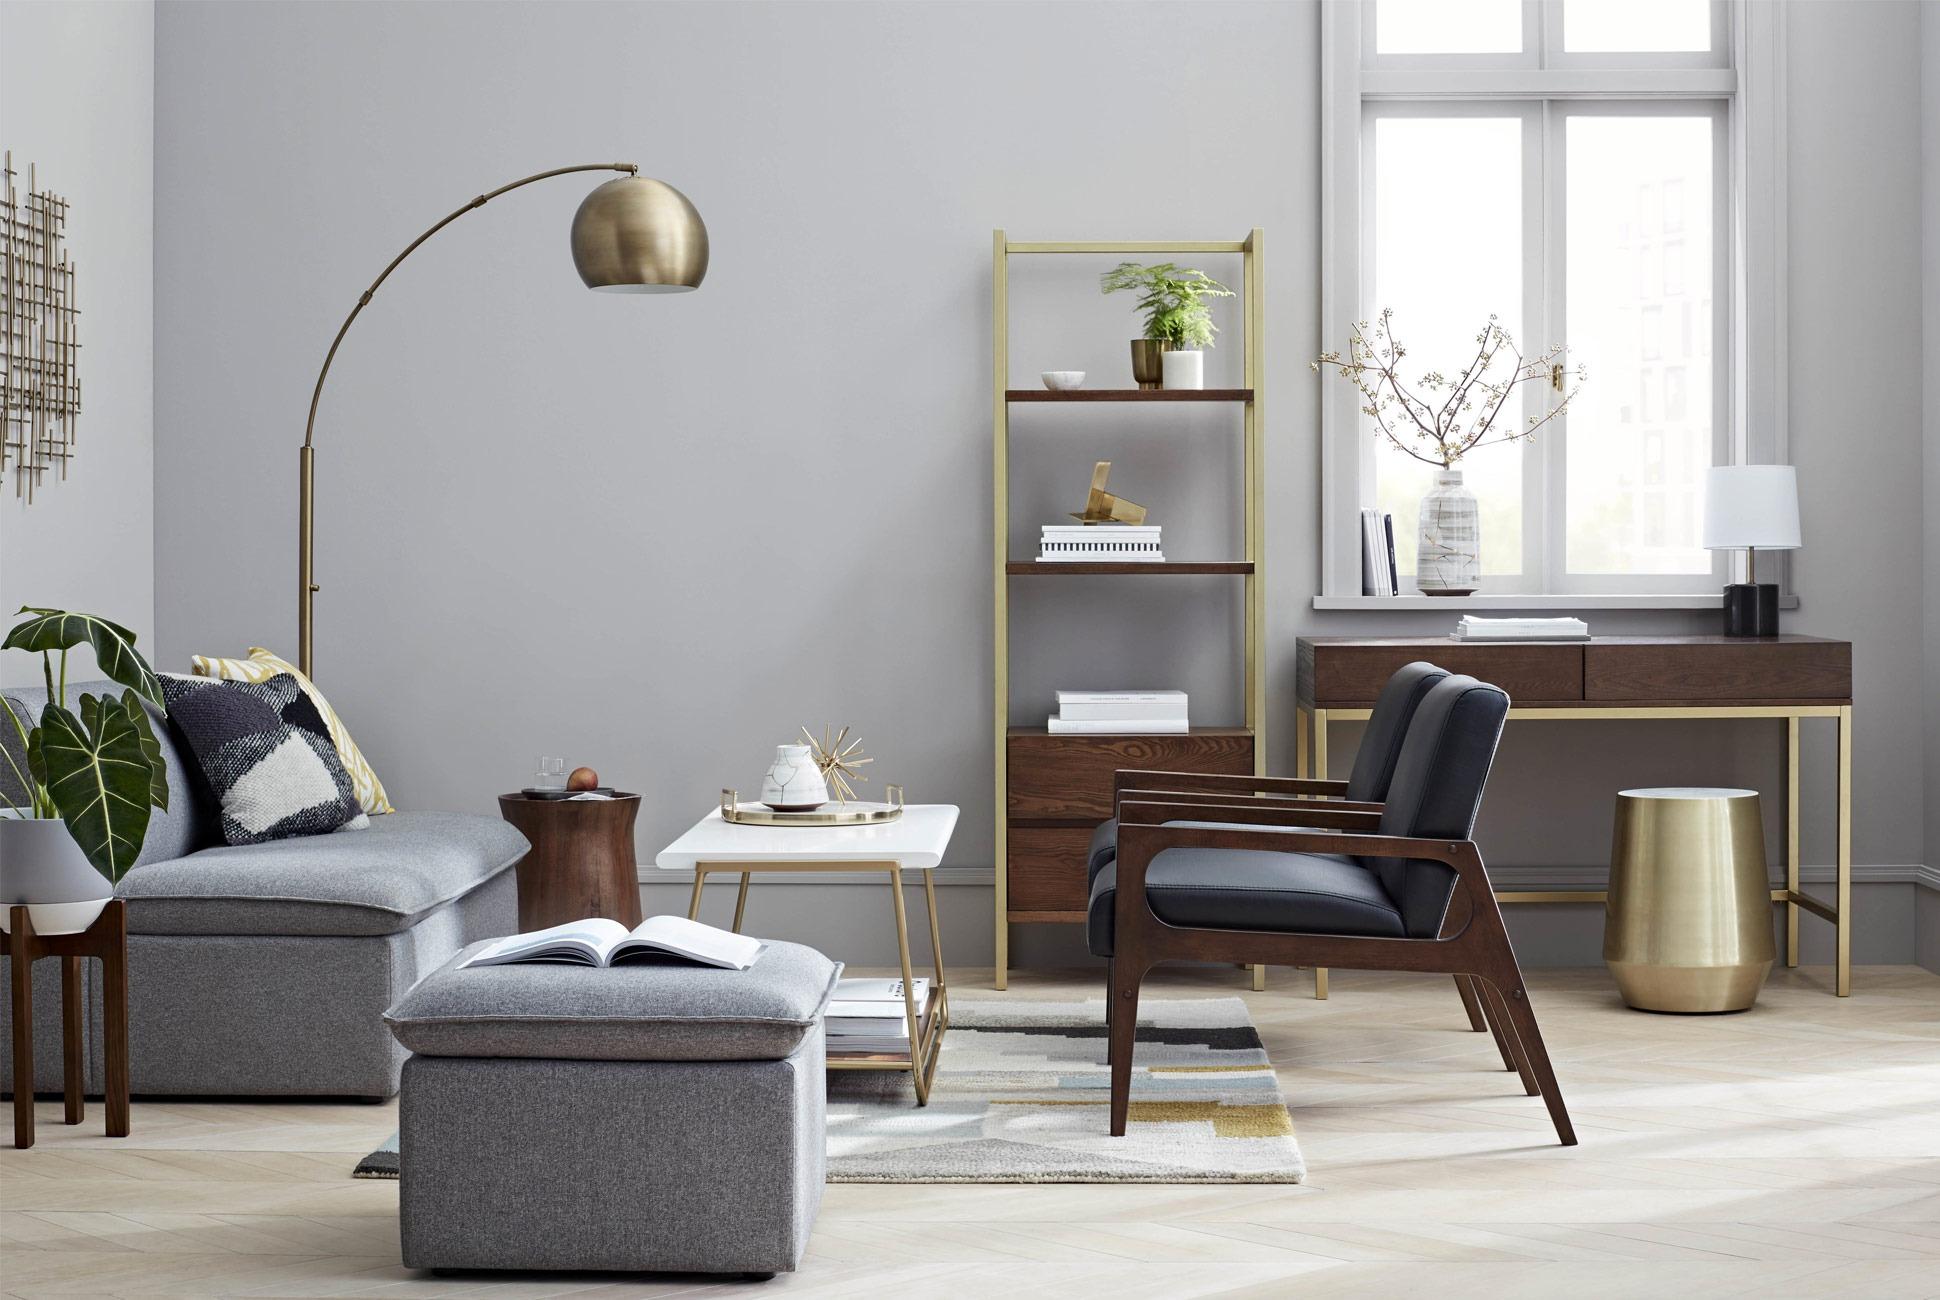 Target-Furniture